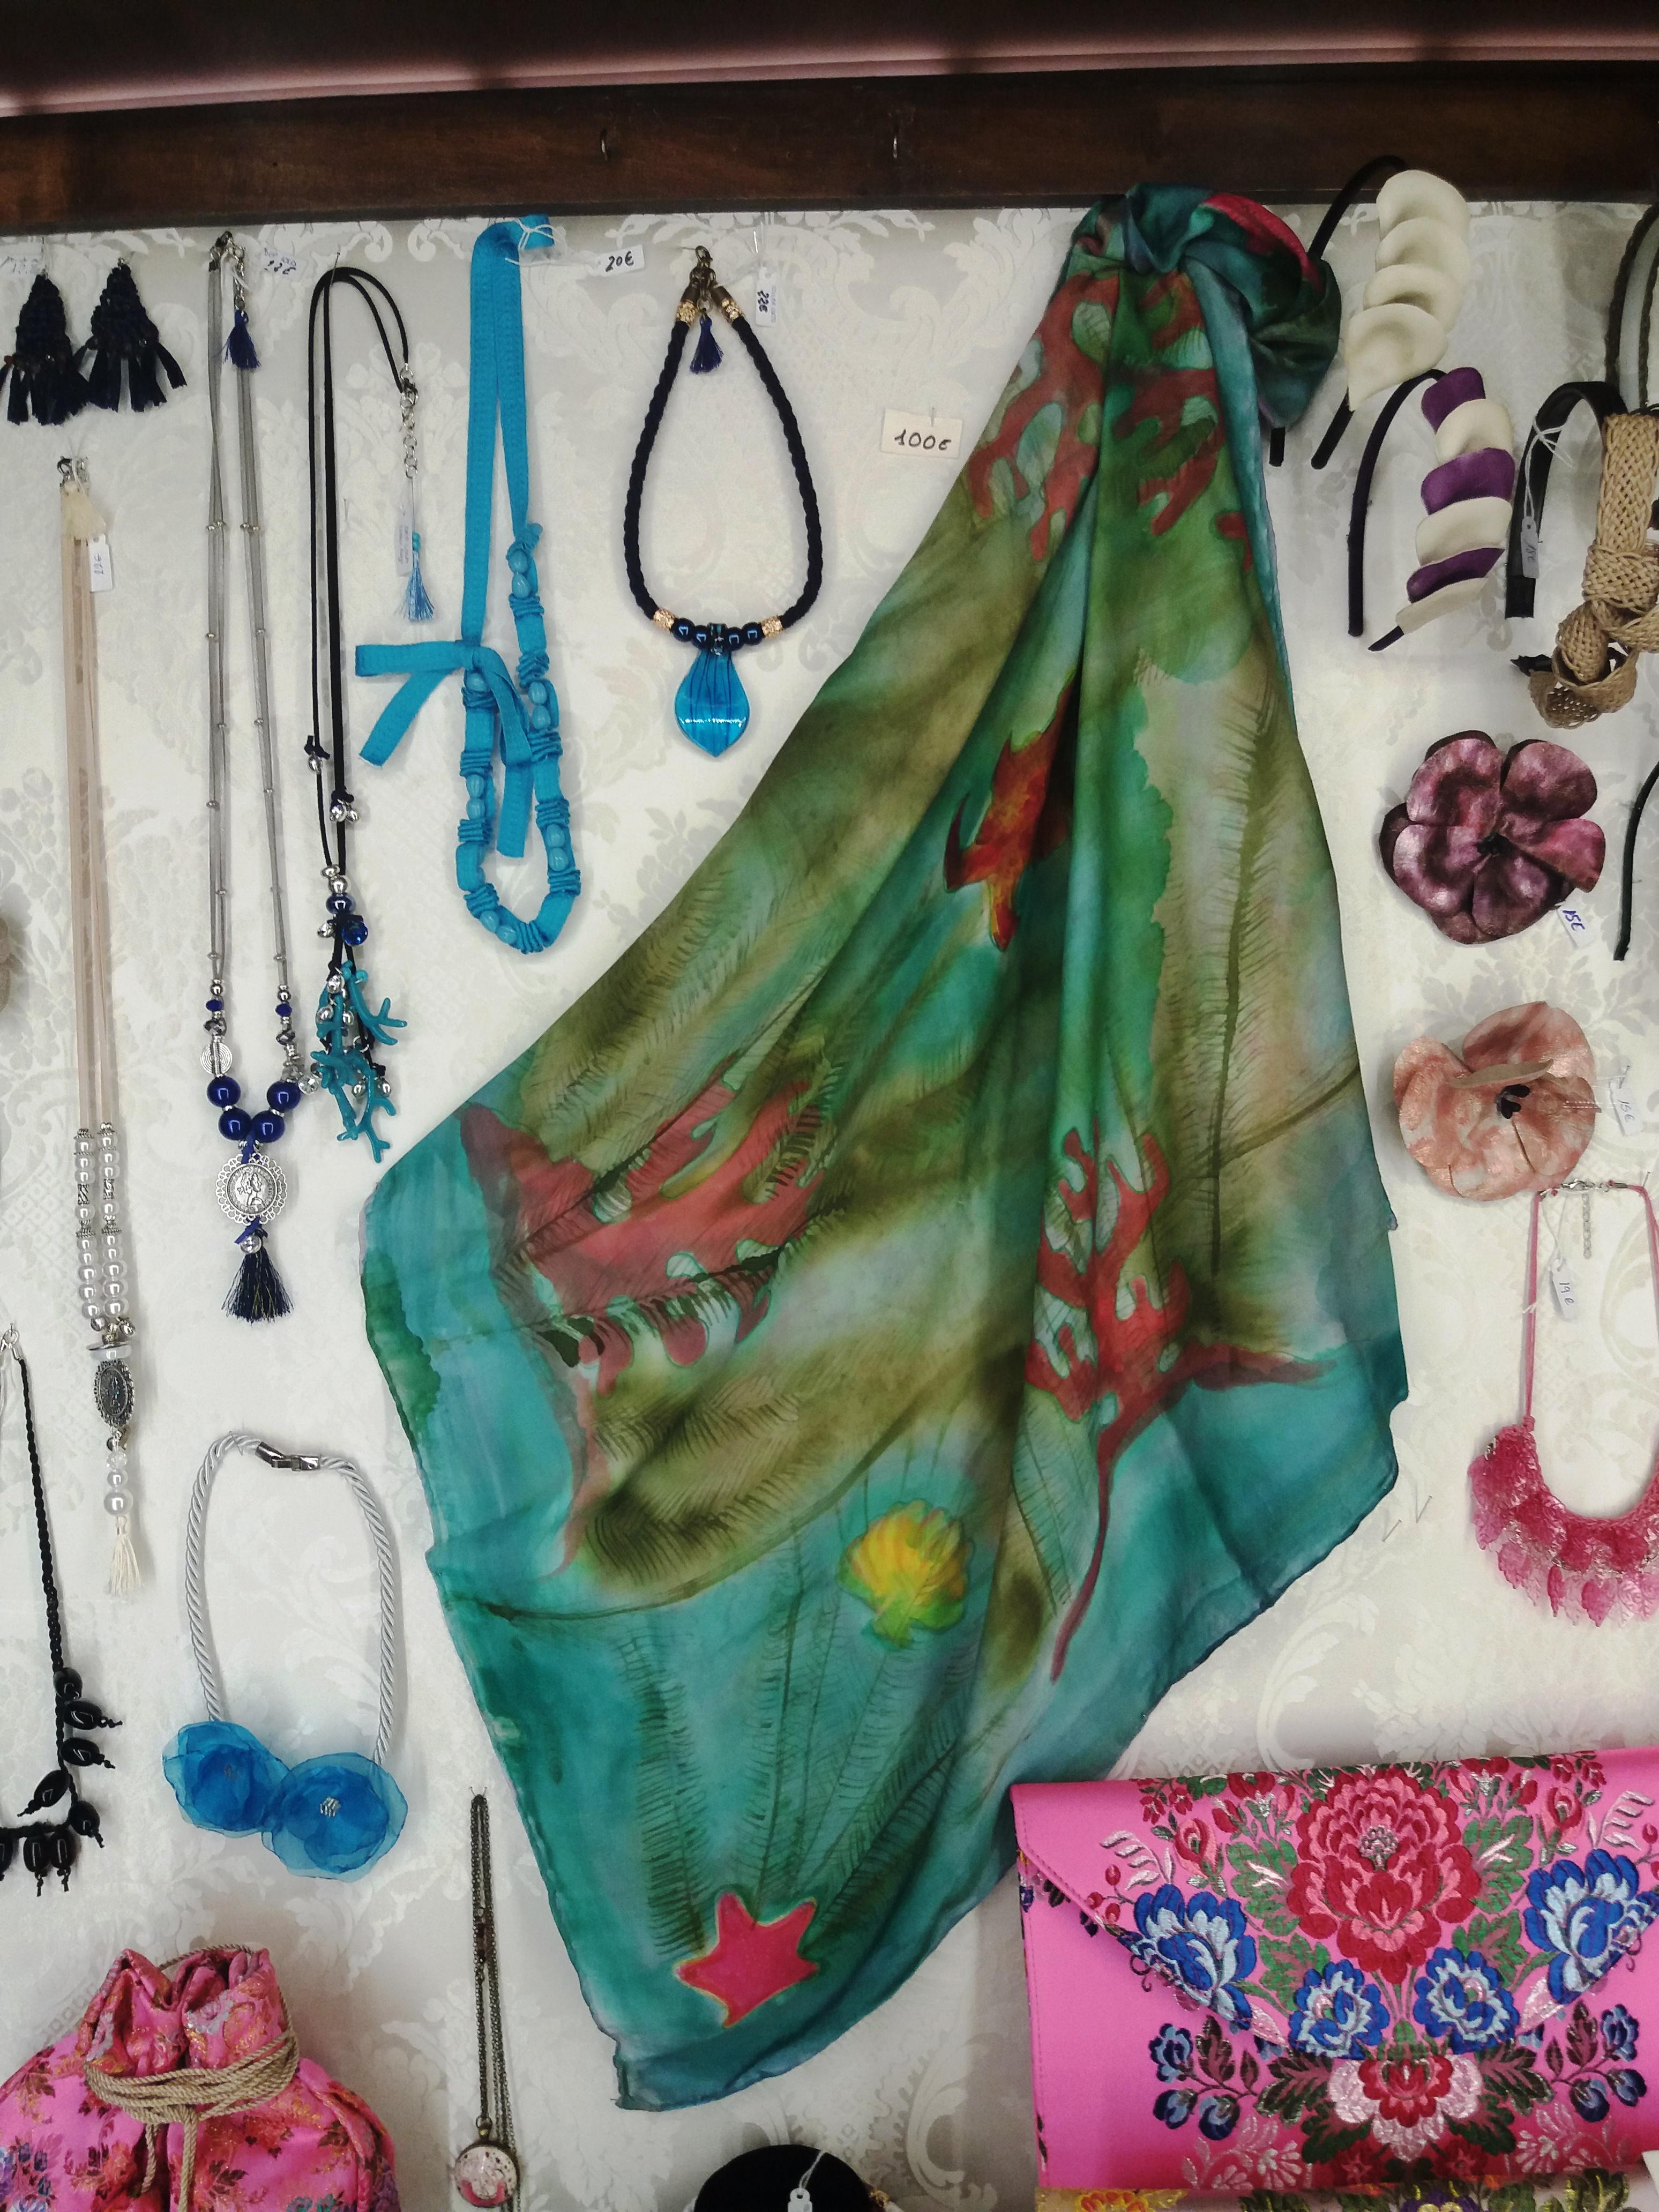 """Pañuelo """"El mar con algas y cangrejos en la vitrina de la tienda Espai Seda del museo de la seda de Valencia"""